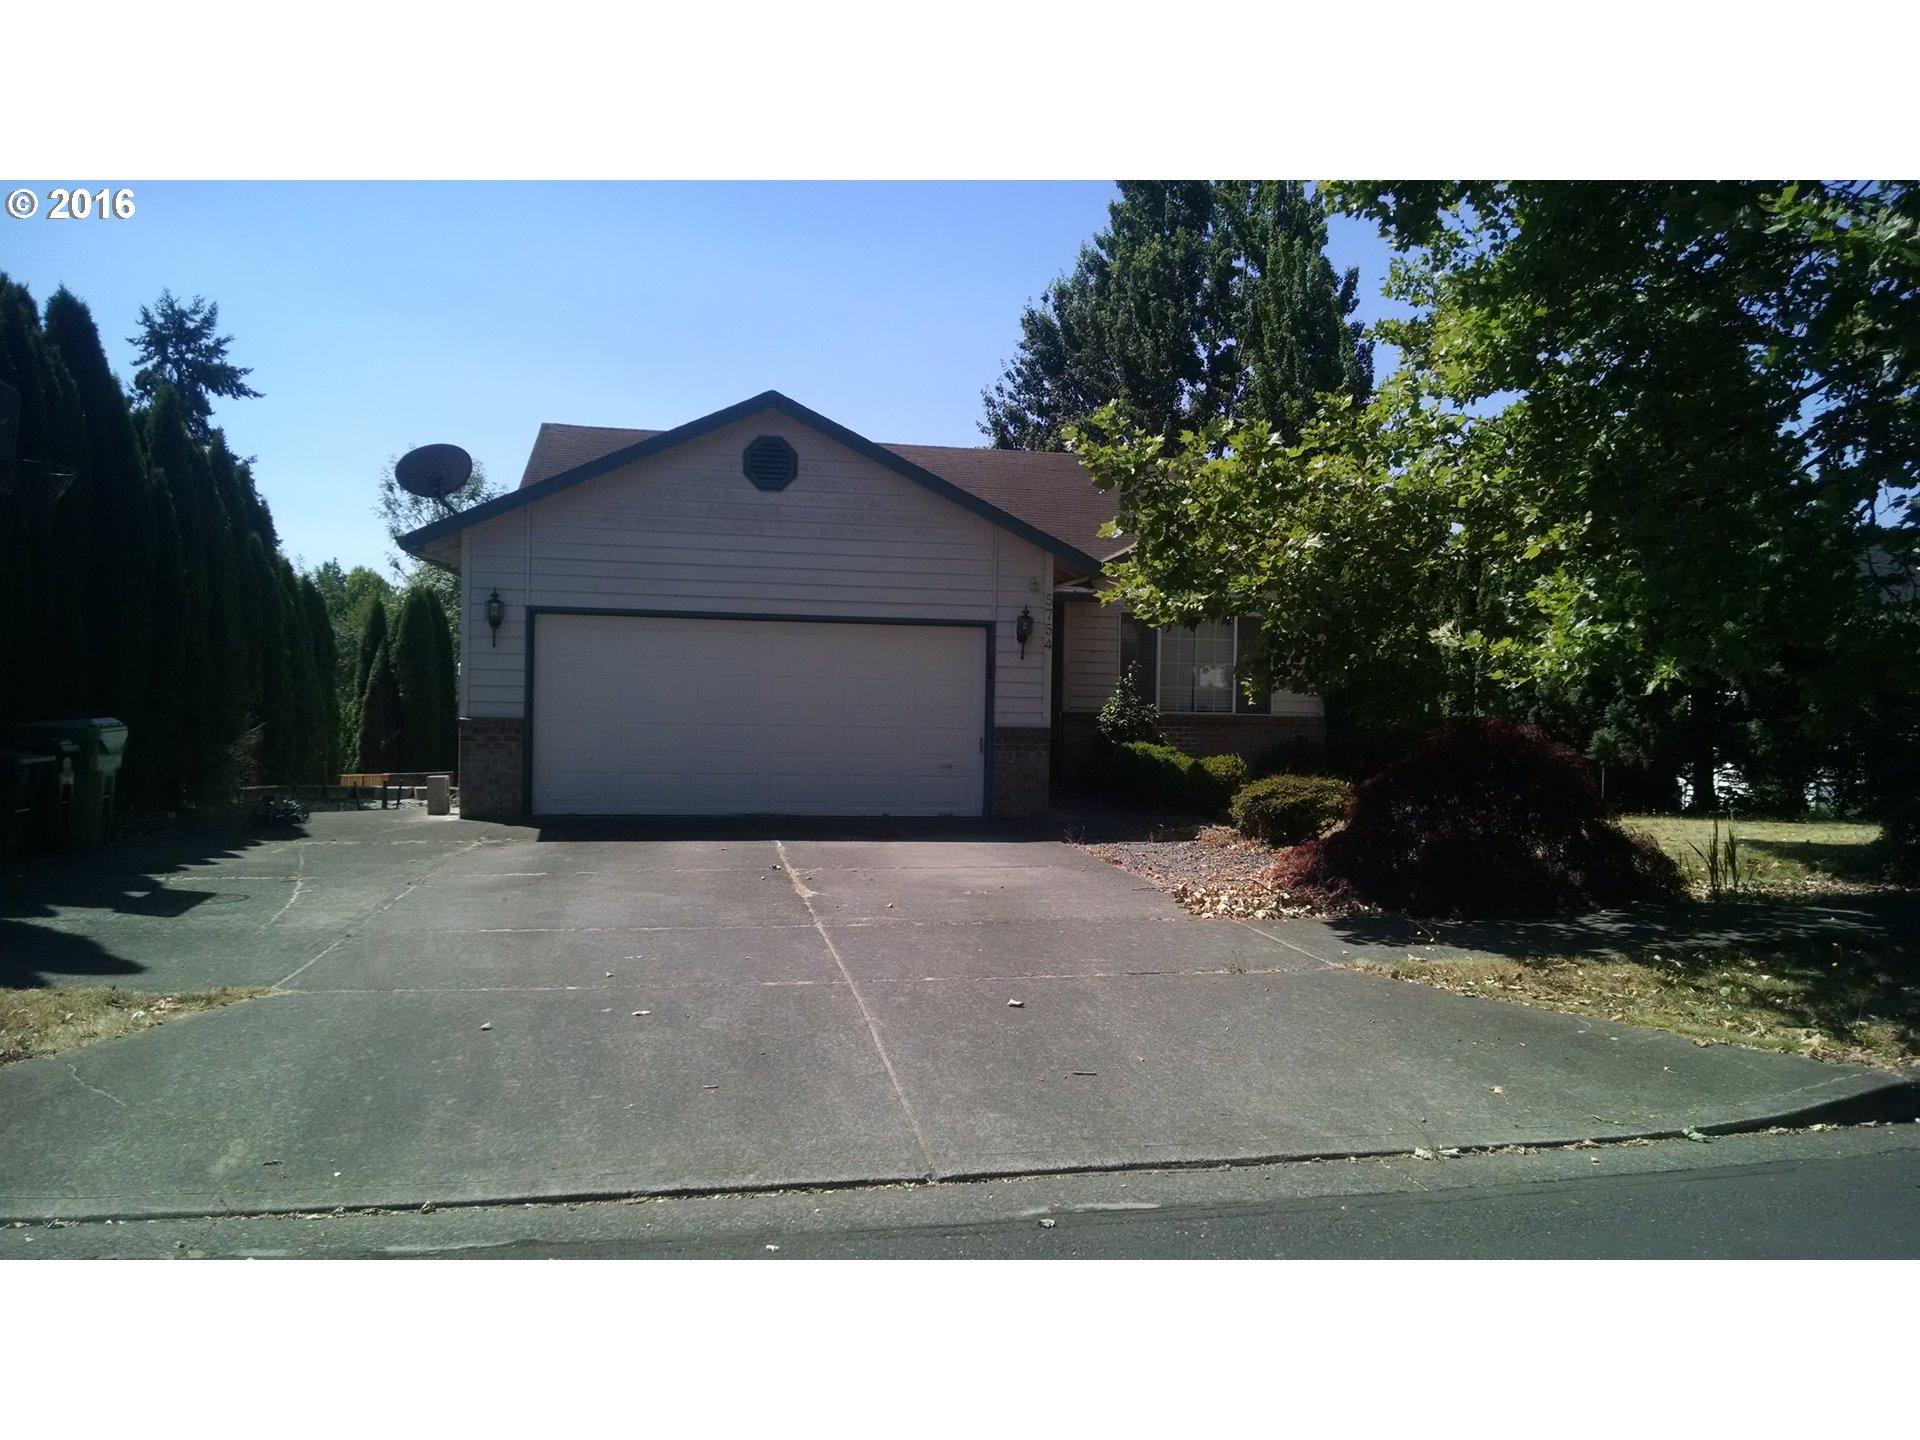 5754 SE Pine St, Hillsboro, OR